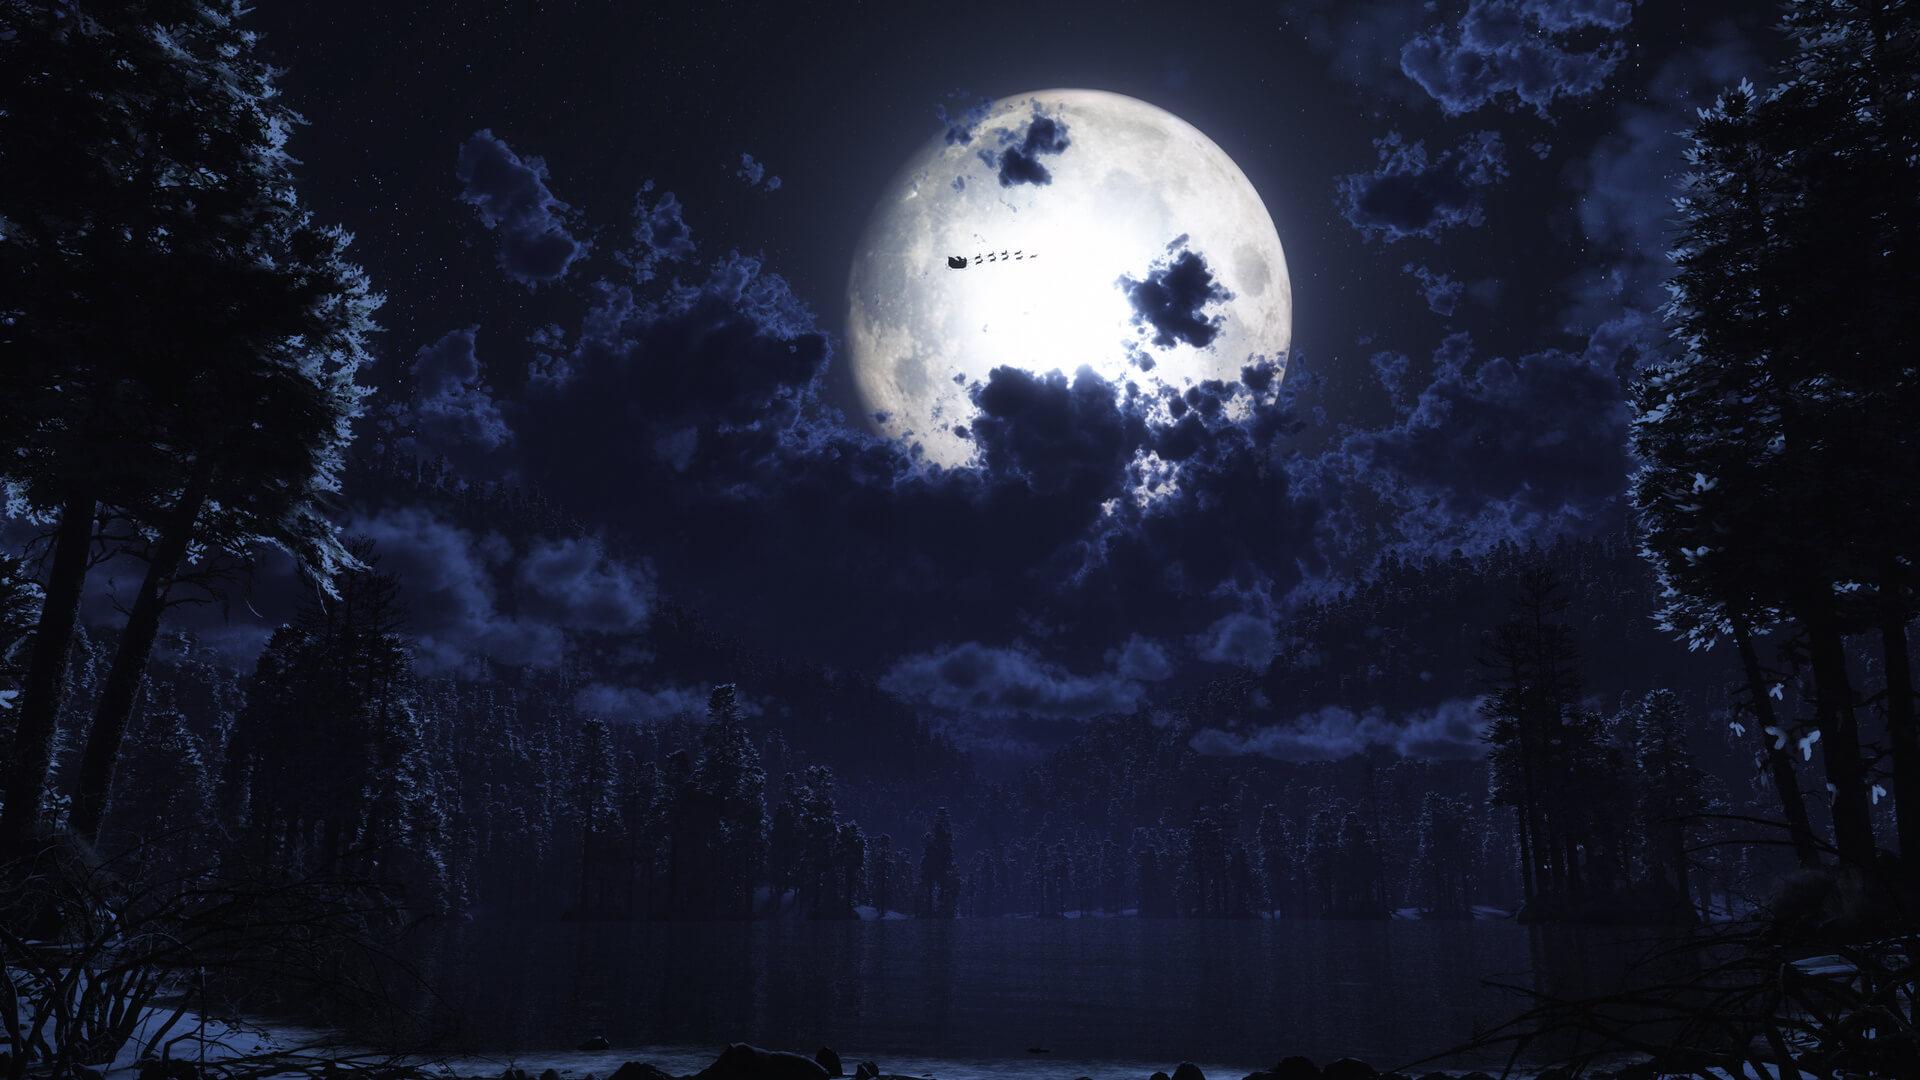 Красивые обои луны на рабочий стол 1920х1080 - коллекция 1